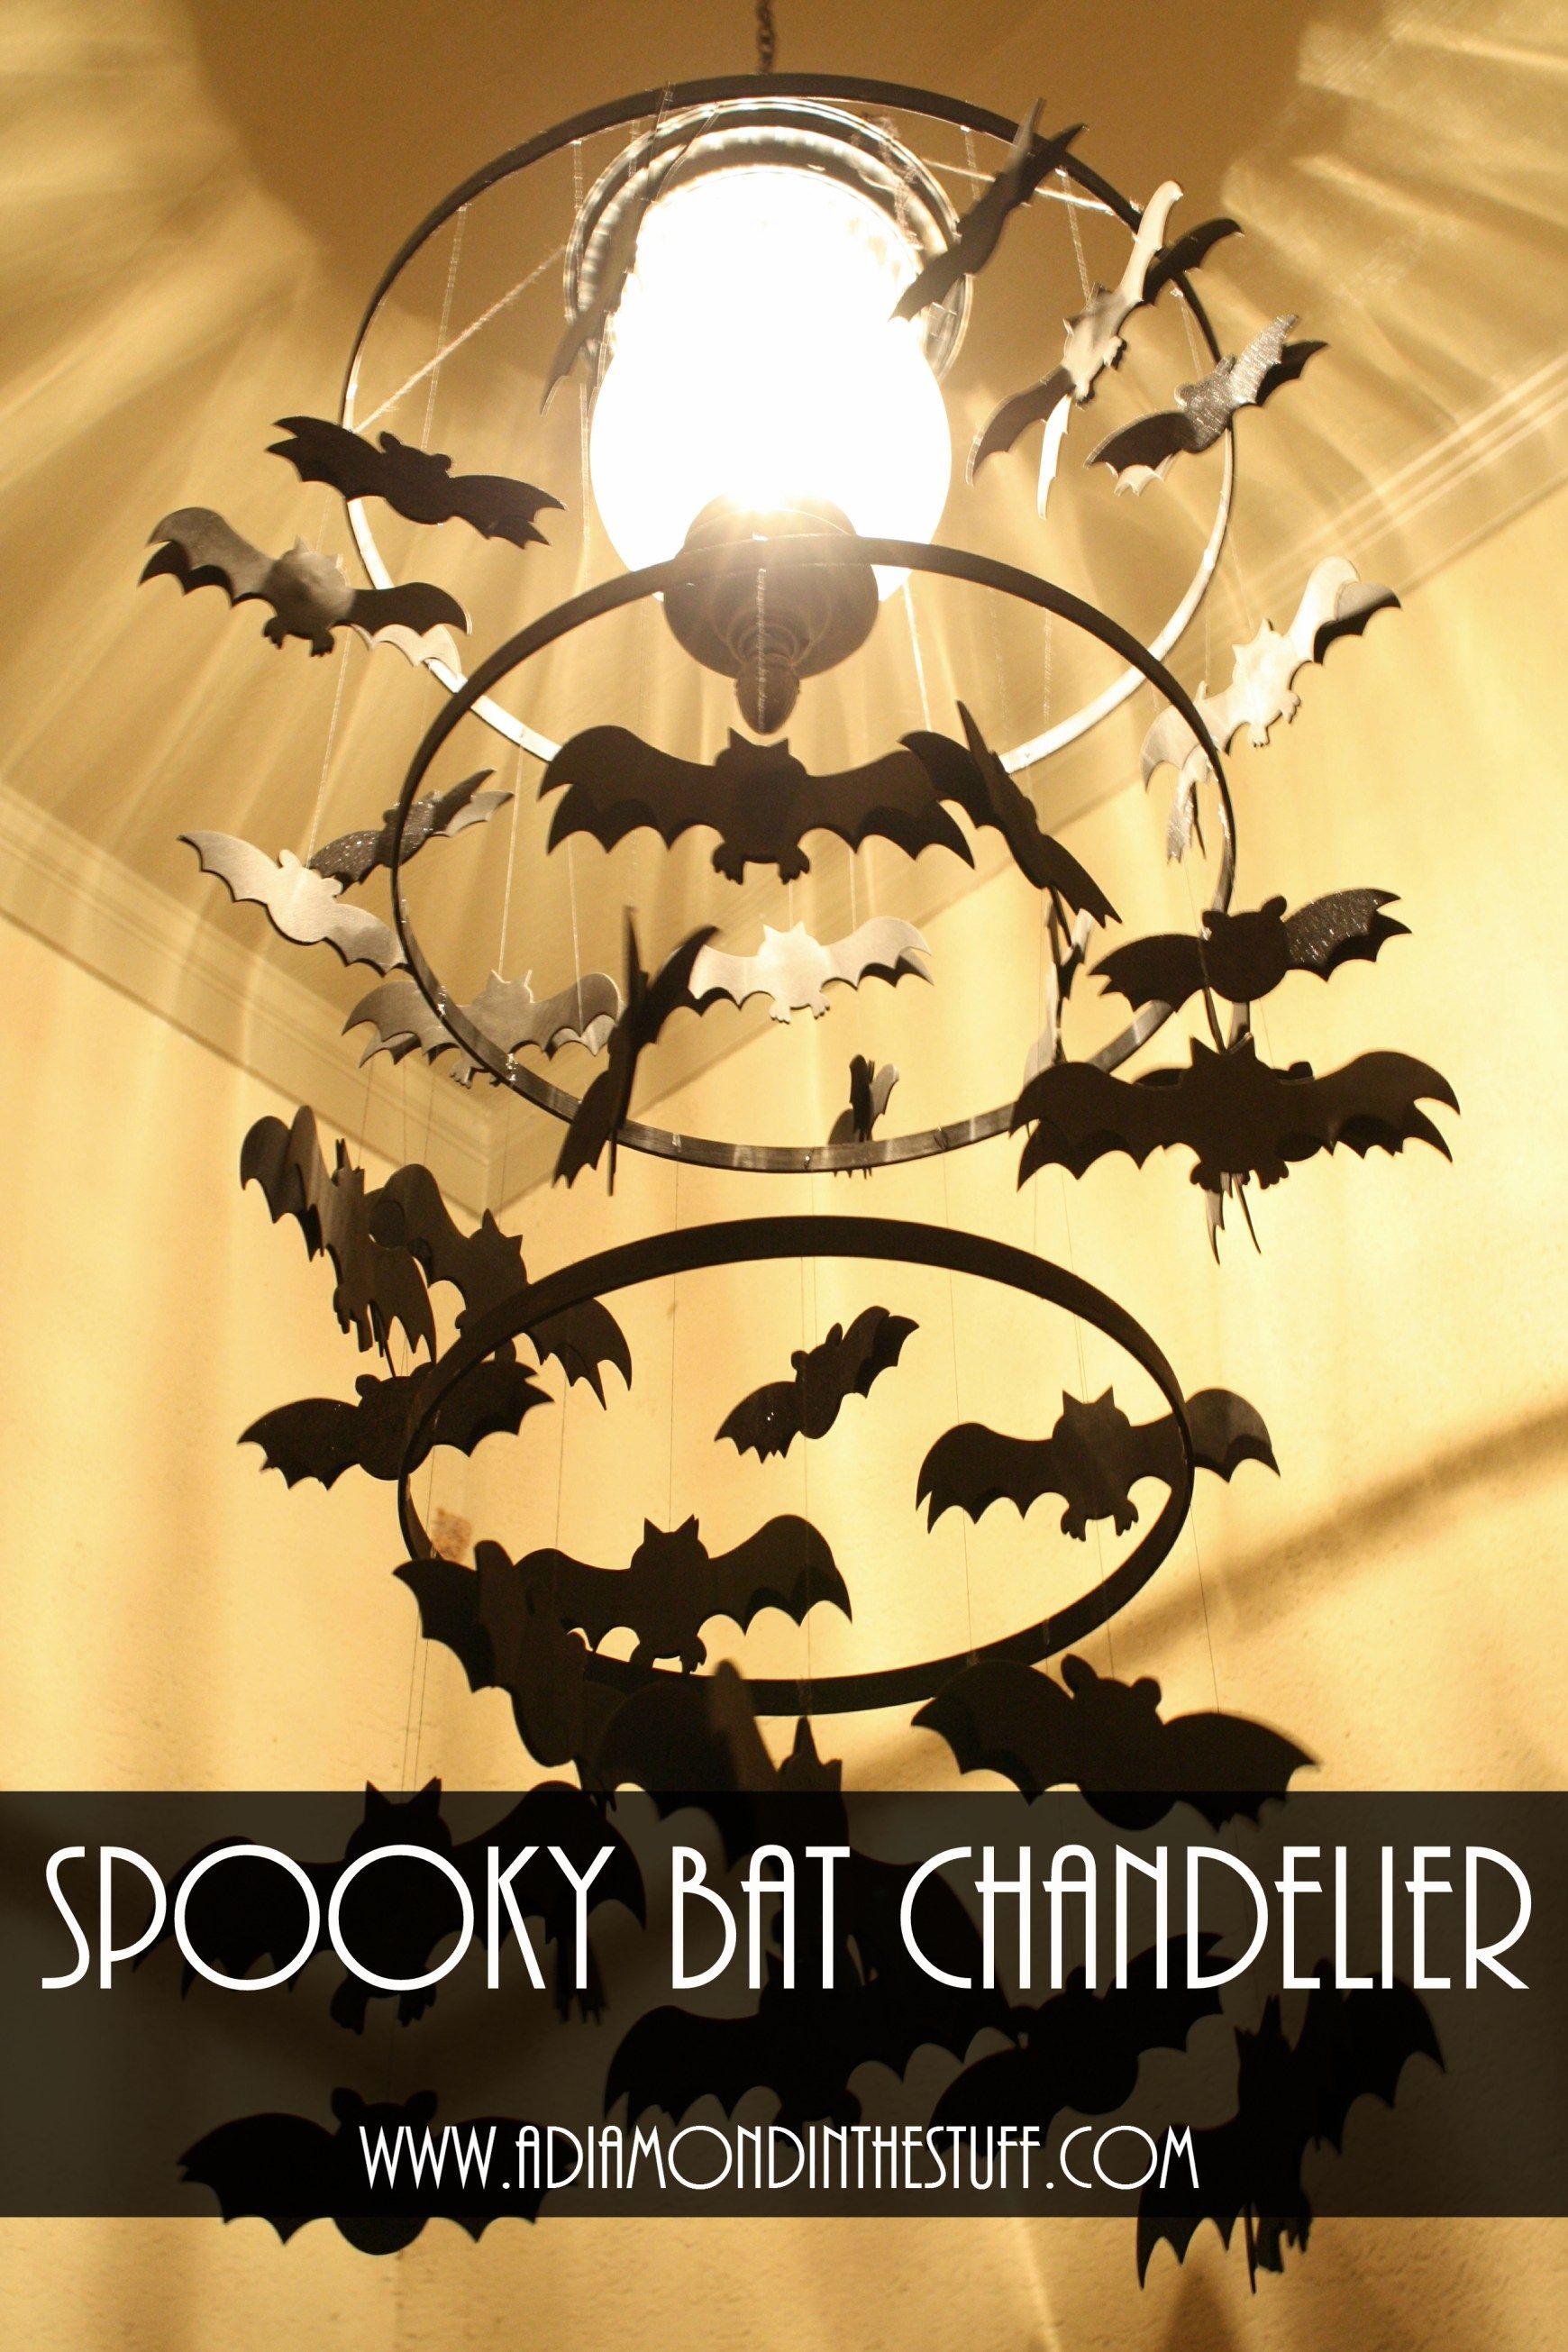 Spooky Bat Chandelier | A Diamond in the Stuff